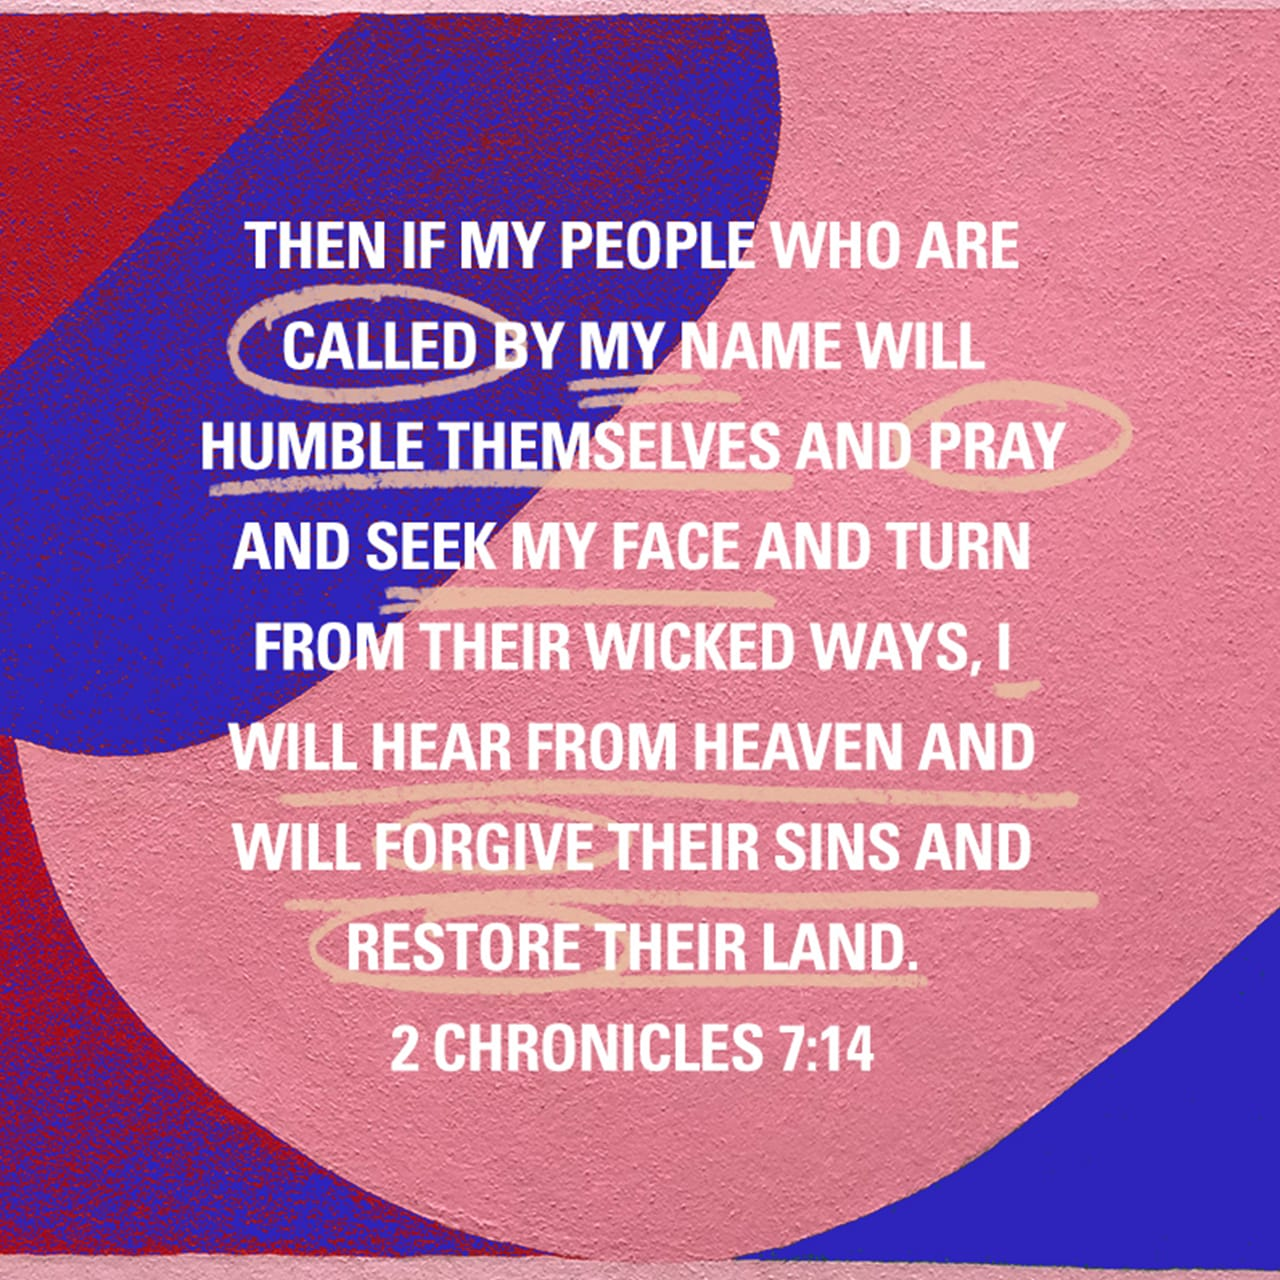 2Crônicas 7:14 então, se o meu povo, que pertence somente a mim, se arrepender, abandonar os seus pecados e orar a mim, eu os ouvirei do céu, perdoarei os seus pecados e farei o país progredir de novo. | Nova Tradução na Linguagem de Hoje (NTLH)